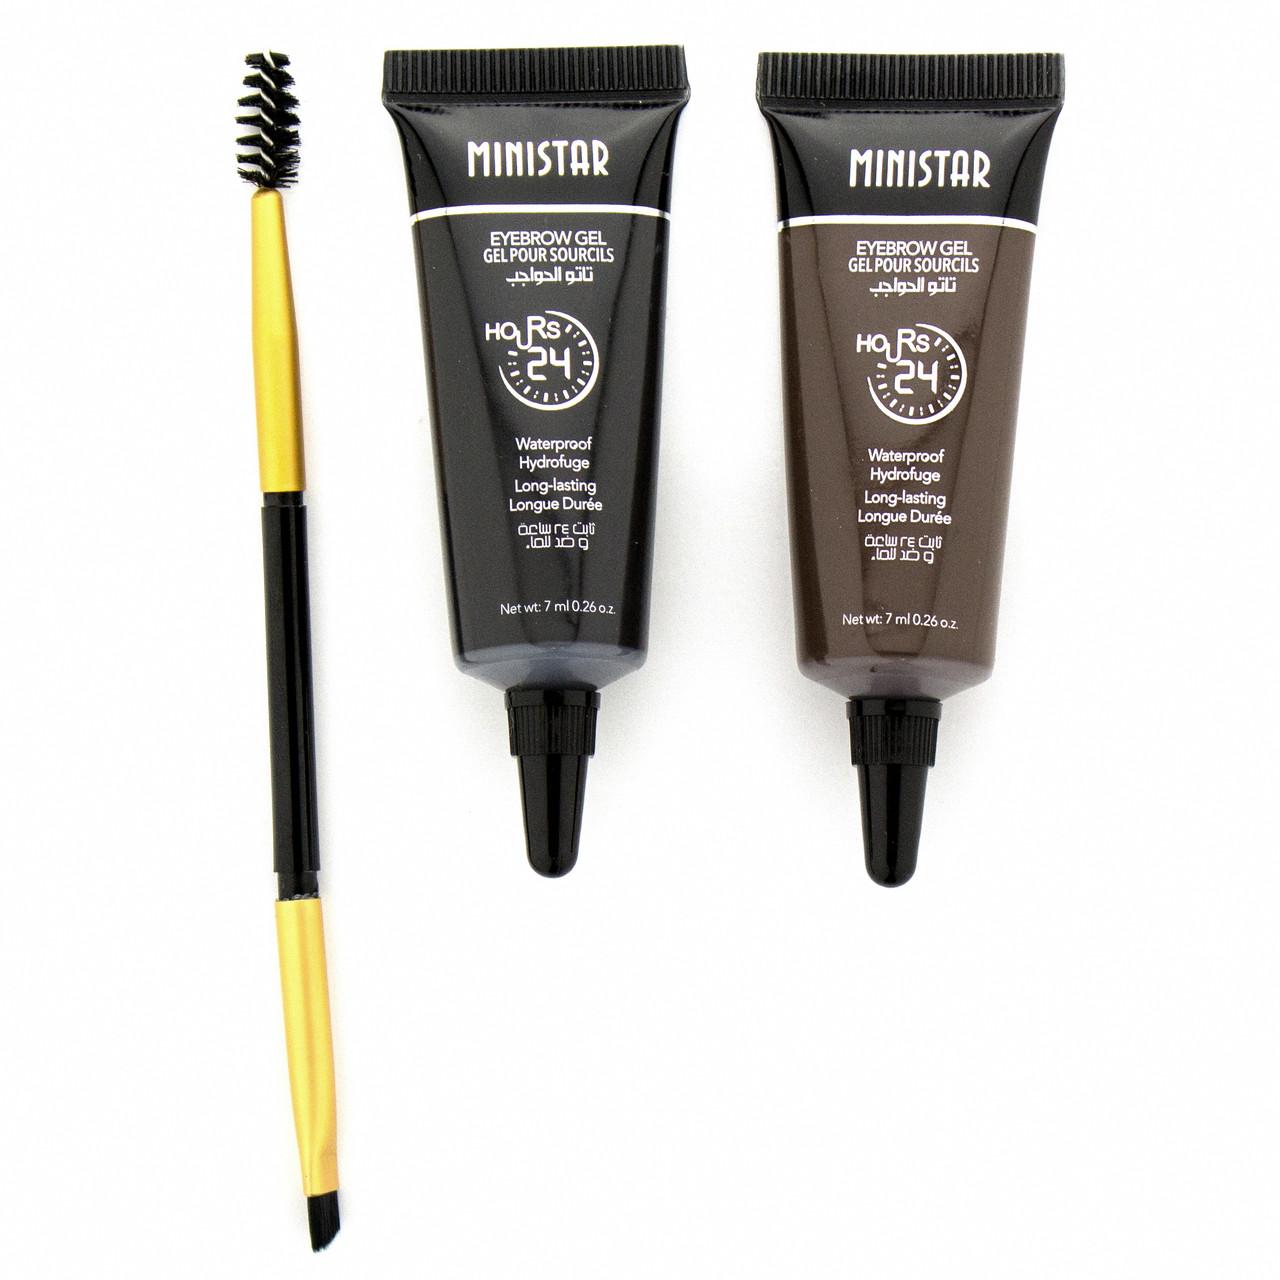 Набор водостойких гелей для бровей с кисточкой Ministar Eyebrow Gel 24 Hours